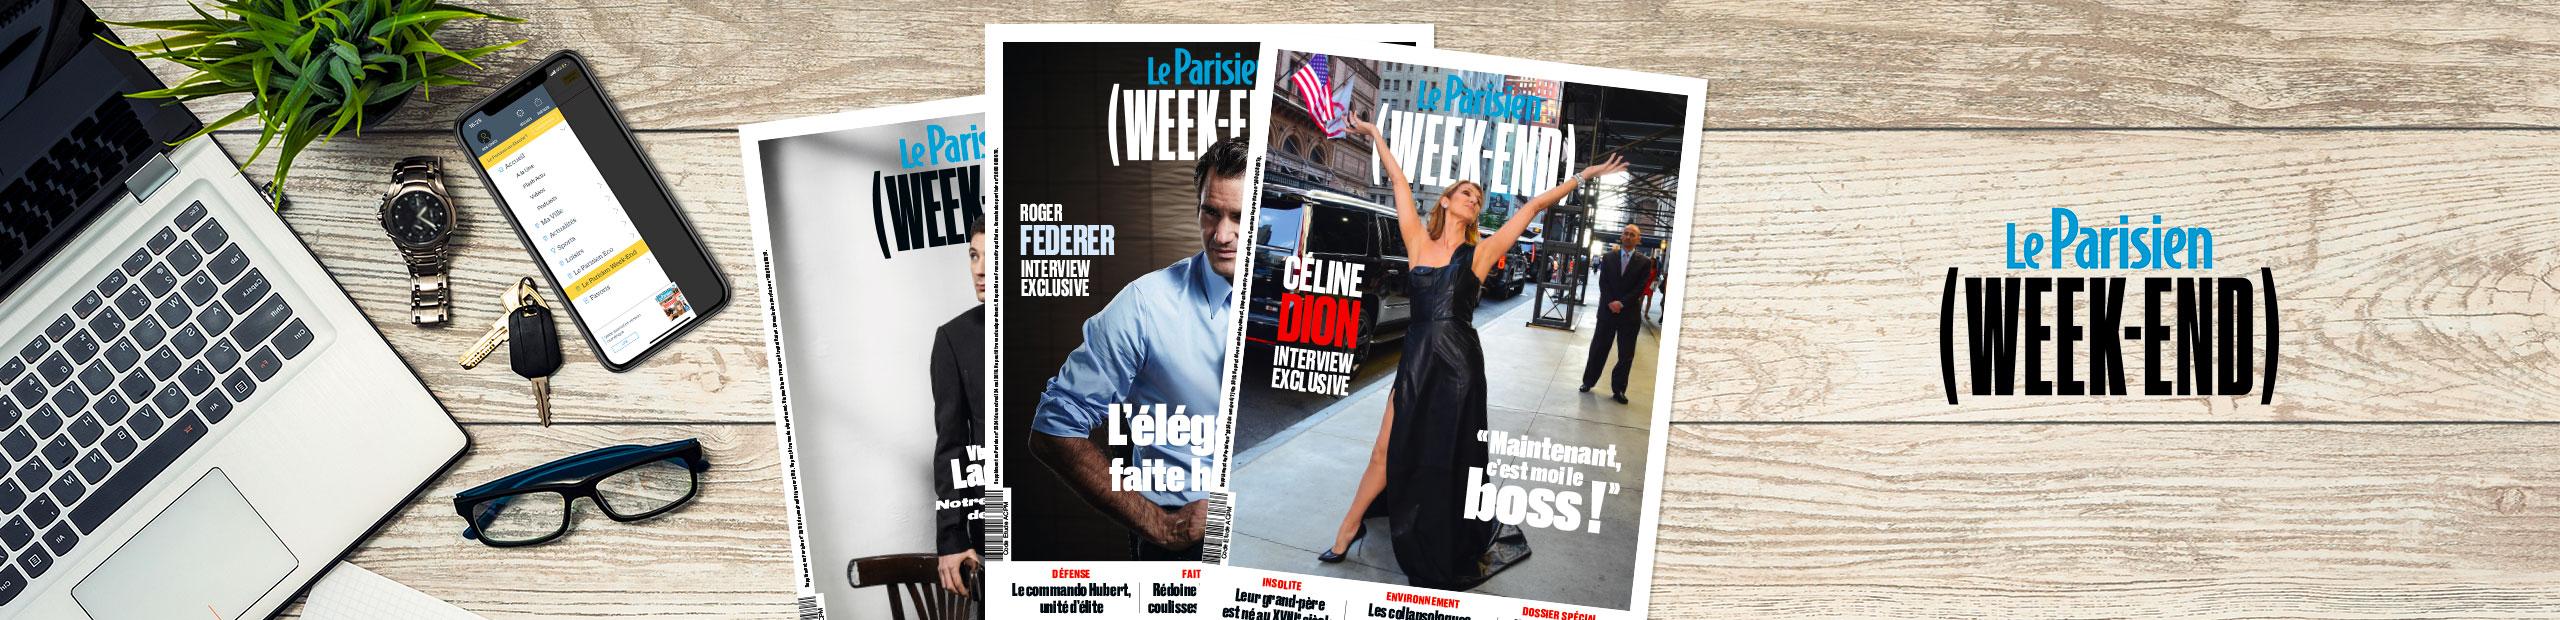 Le Parisien Week-end